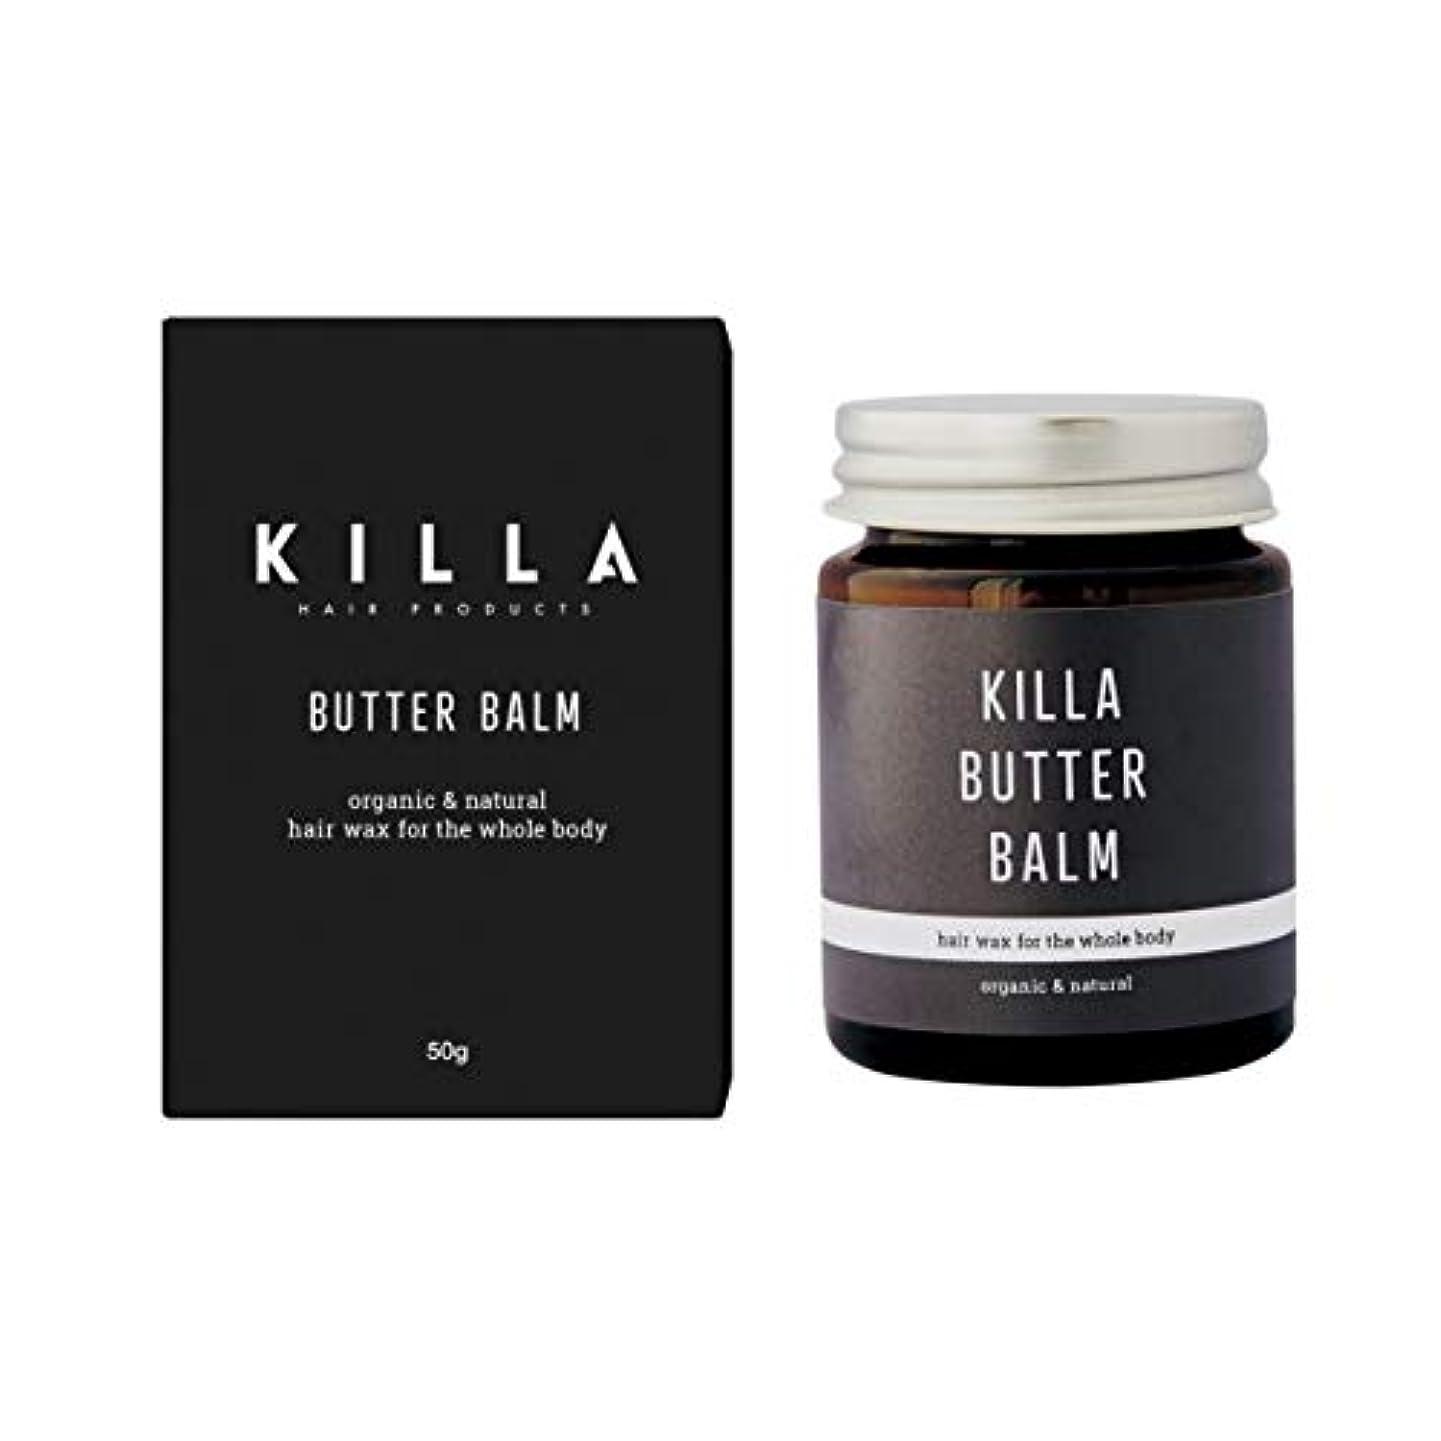 クロニクルフロンティア活性化するキラバターバーム 50g シアバターワックス オーガニック リップクリーム&ハンドクリームとしても使用可 柑橘系シトラスの香り KILLA PRODUCT/キラプロダクト